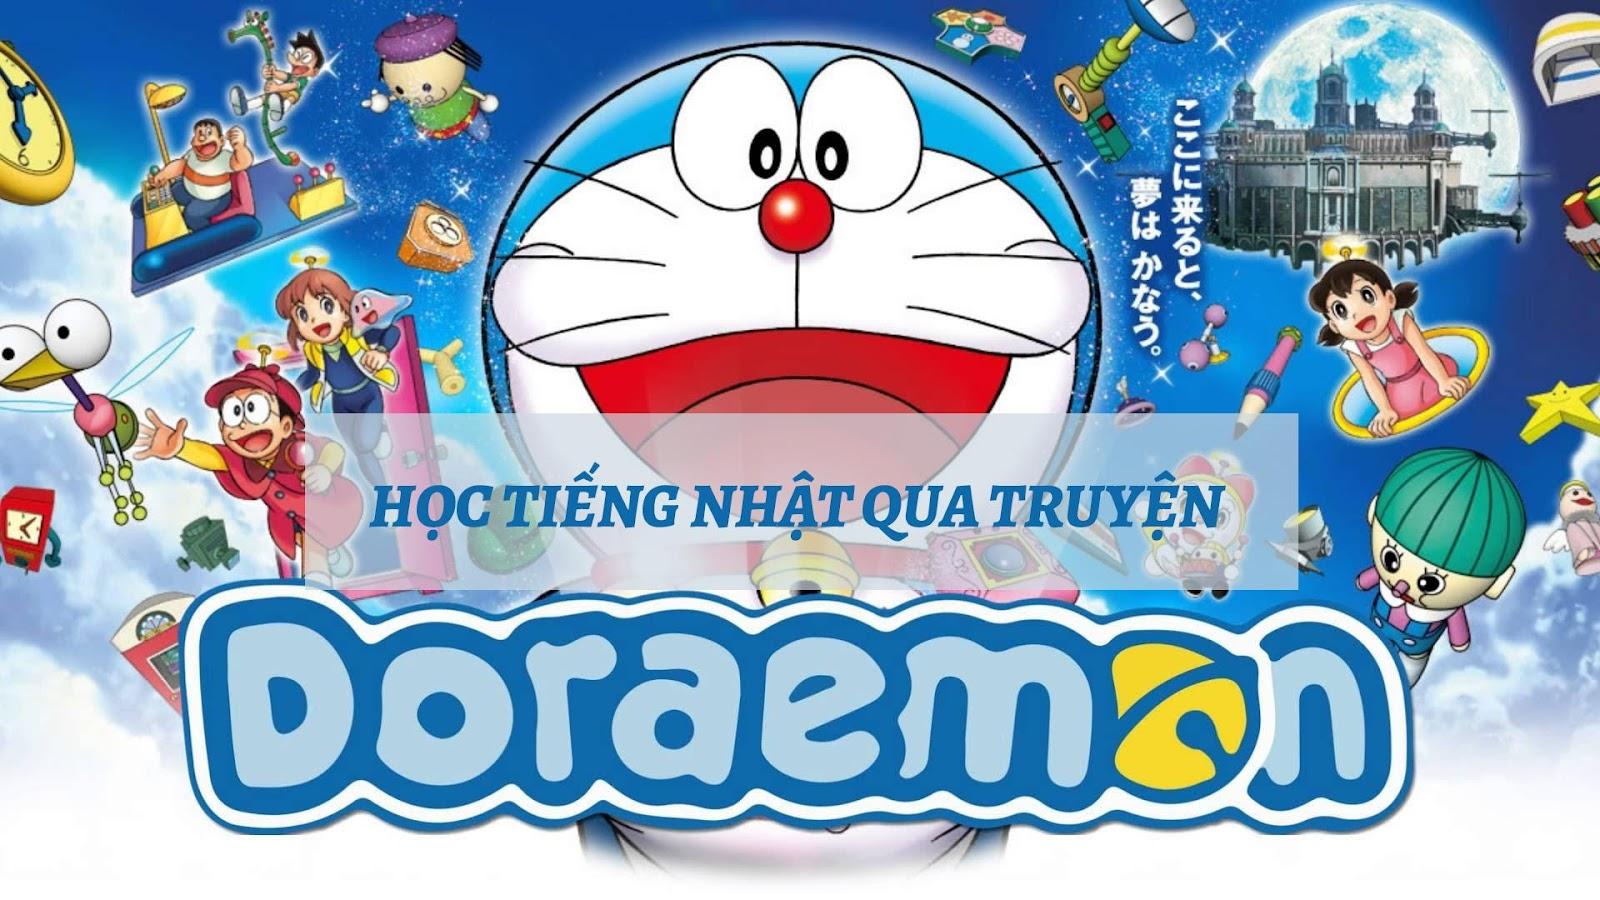 Học tiếng Nhật qua truyện Doraemon